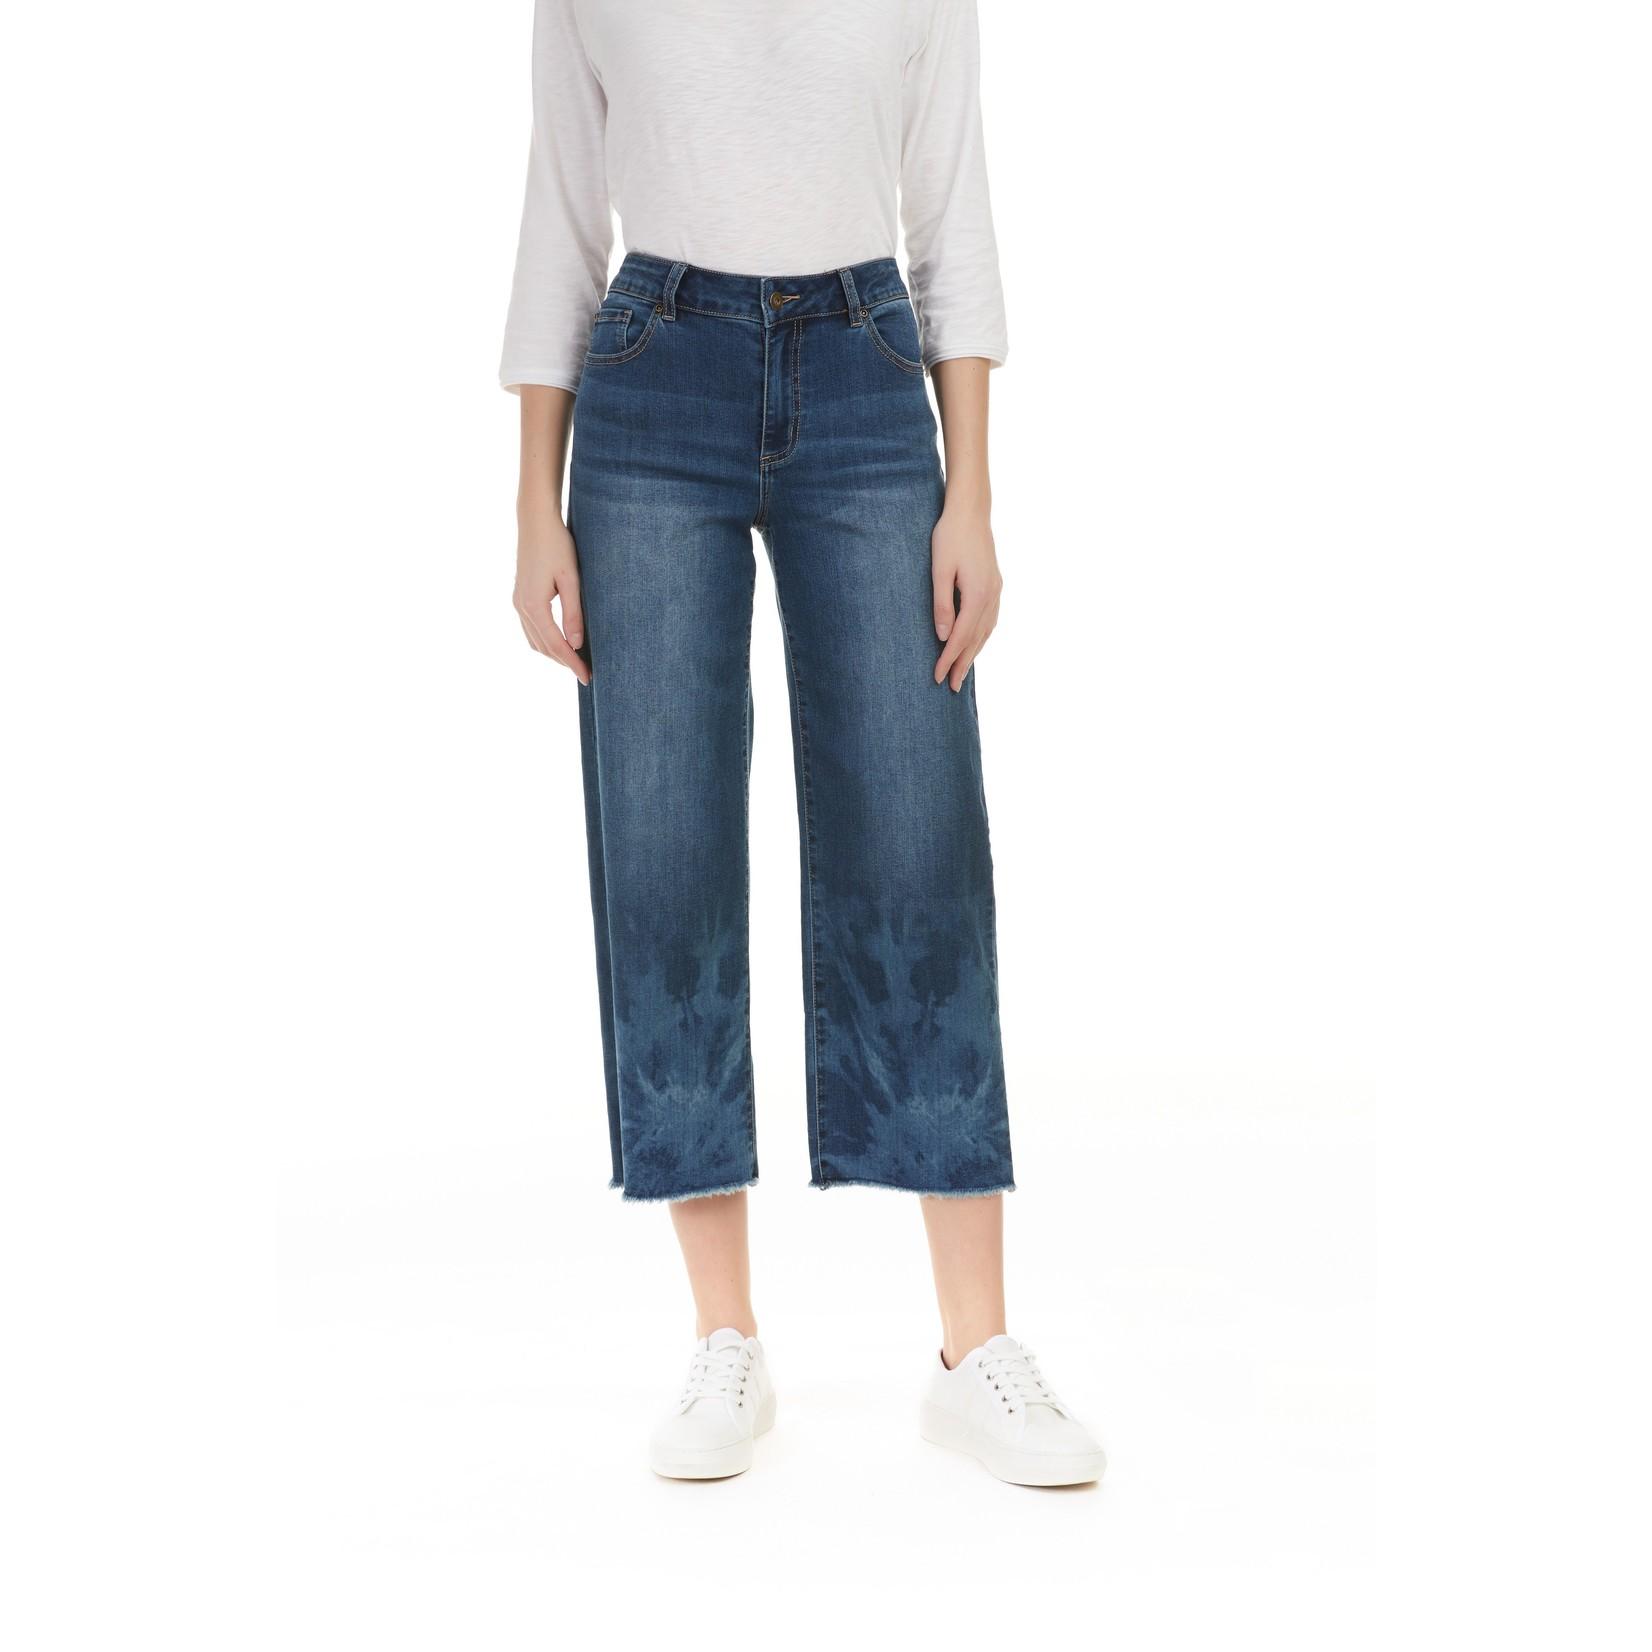 Charlie B Stretch Denim Wide Leg Cutoff Tie-Dye Jeans